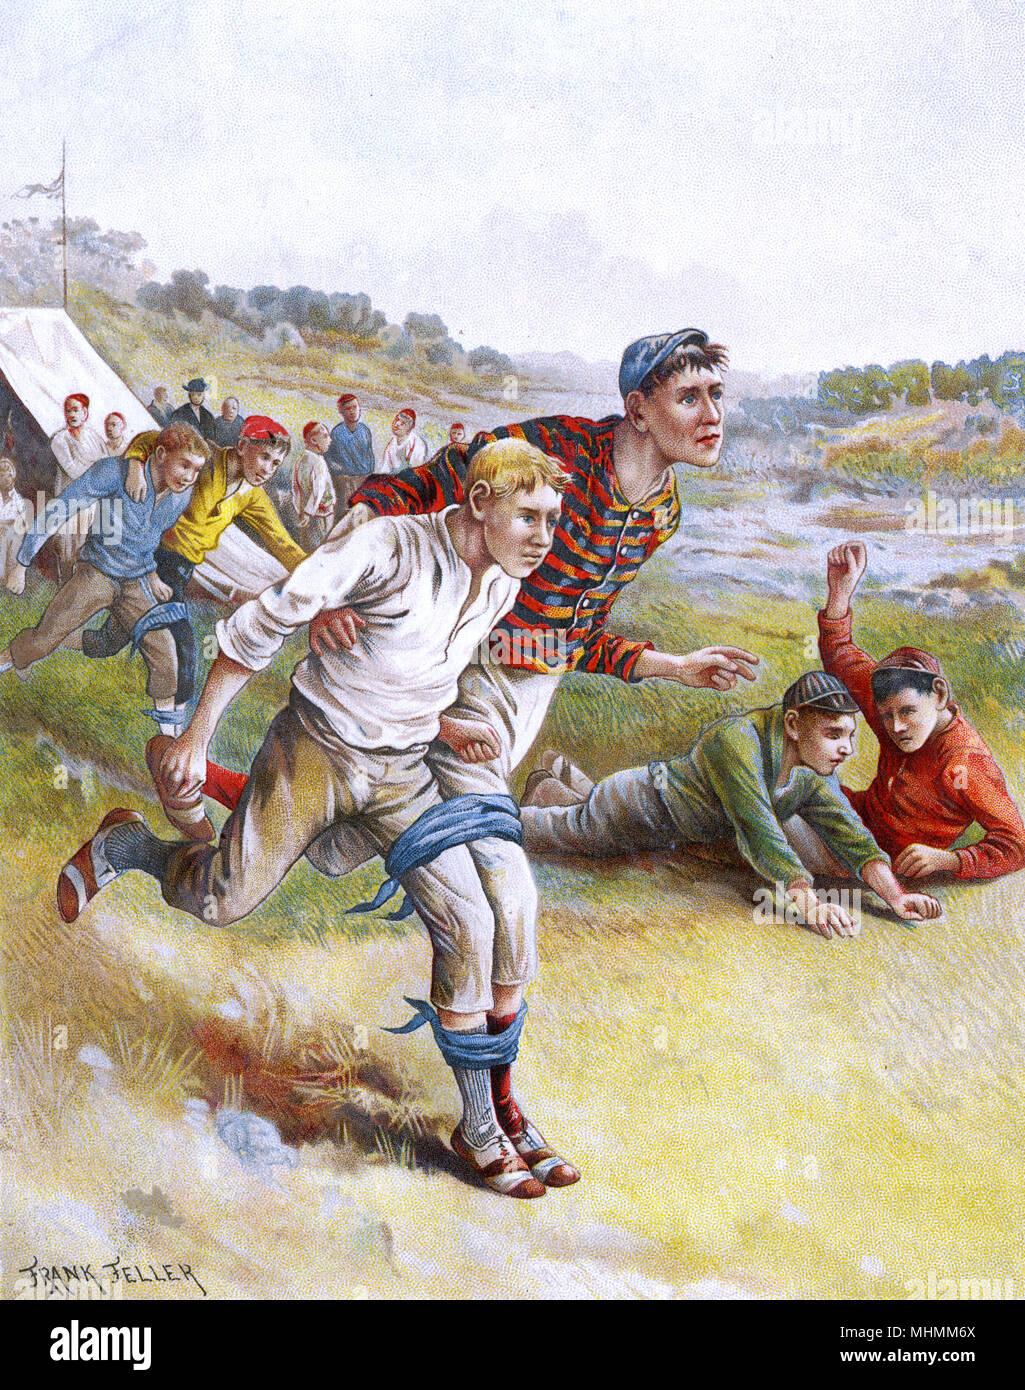 Un 'tres patas' race - pidiendo la perfecta coordinación entre la pareja de corredores, que dos de nuestros concursantes evidentemente no lograr ! Fecha: circa 1900 Foto de stock